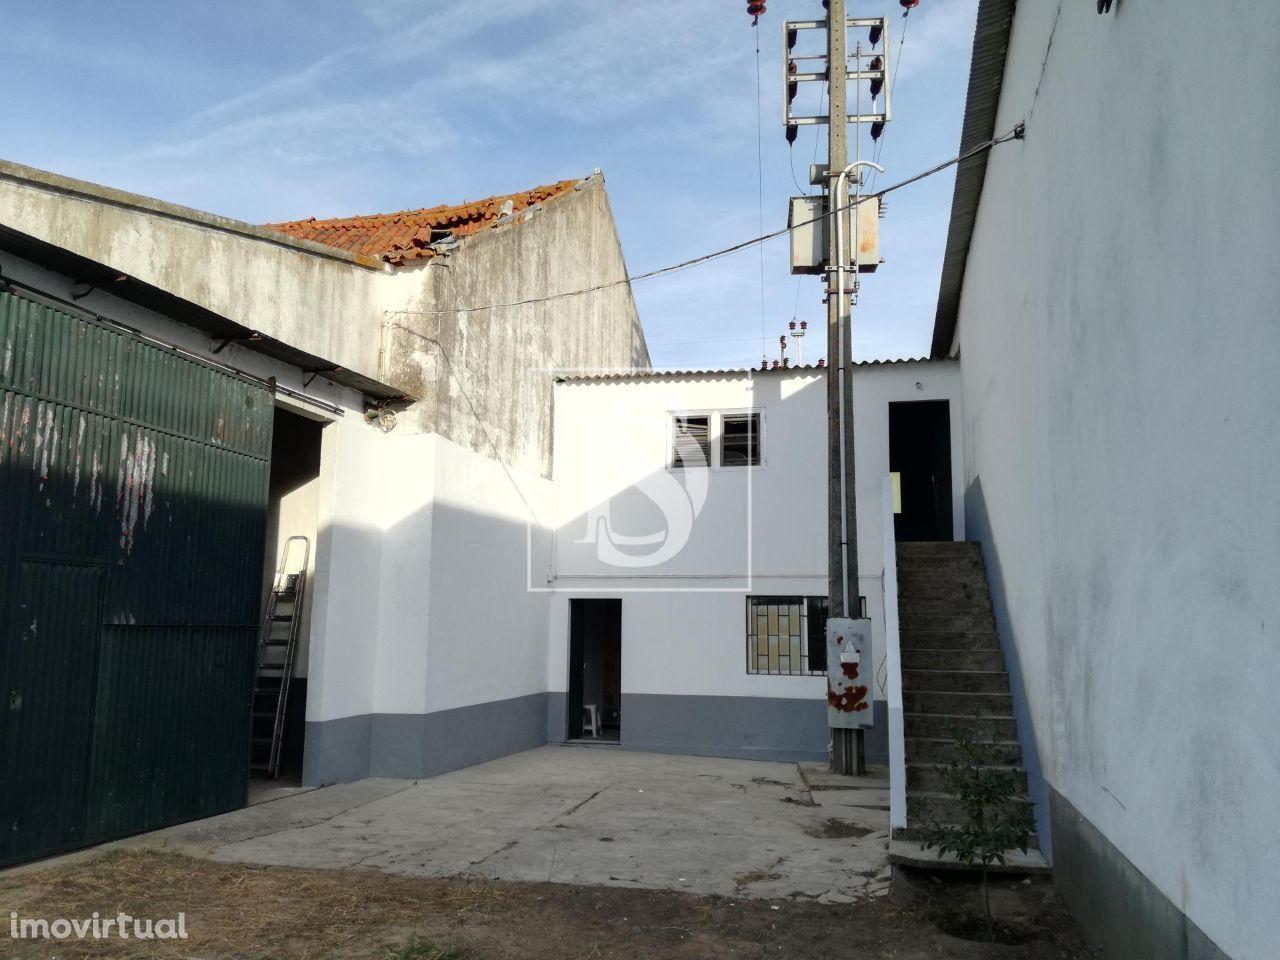 Terreno para comprar, Ermidas-Sado, Santiago do Cacém, Setúbal - Foto 14